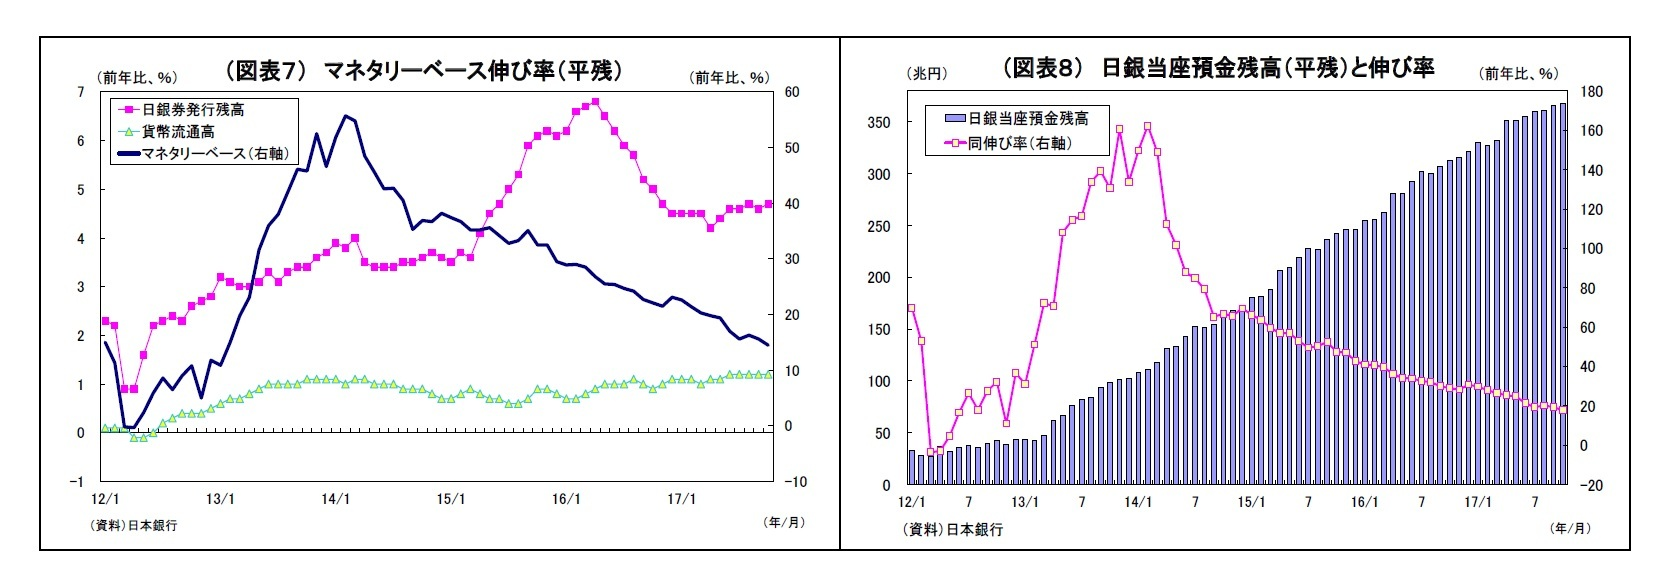 (図表7) マネタリーベース伸び率(平残)/(図表8) 日銀当座預金残高(平残)と伸び率